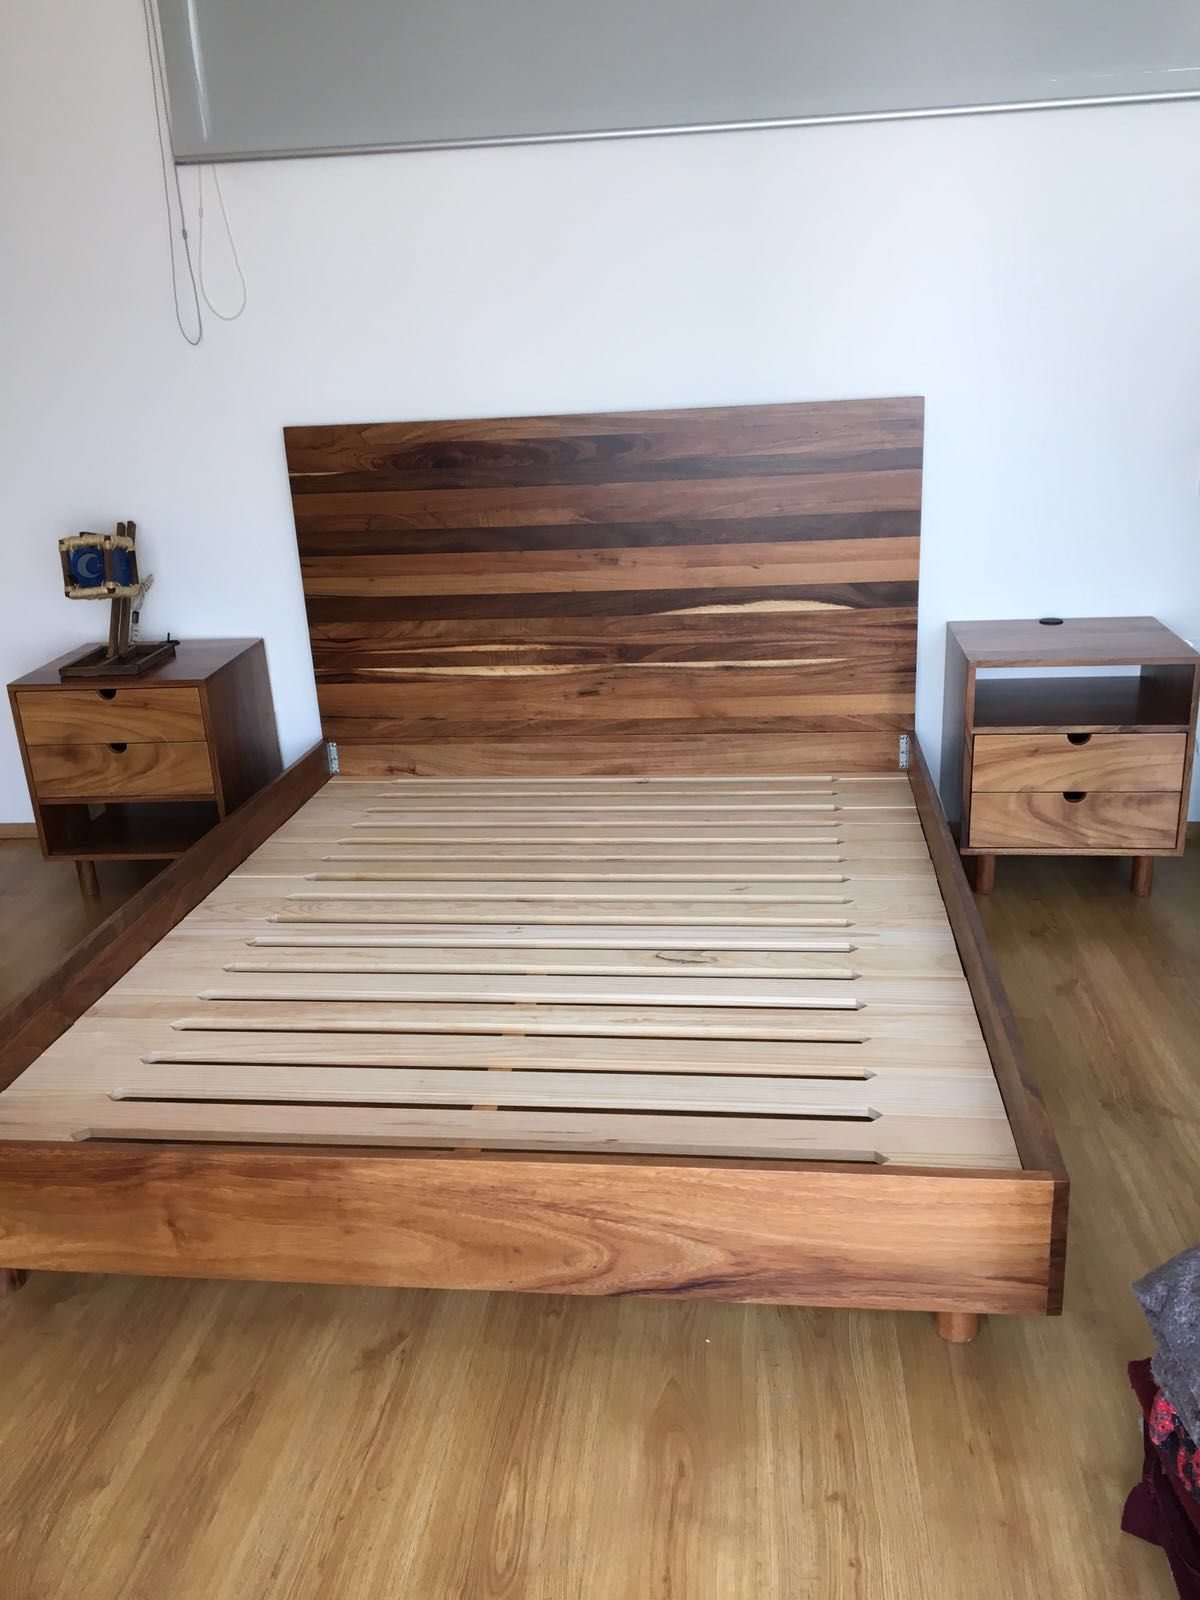 Base de cama y cabecera de madera de huanacastle bases for Idea de muebles quedarse